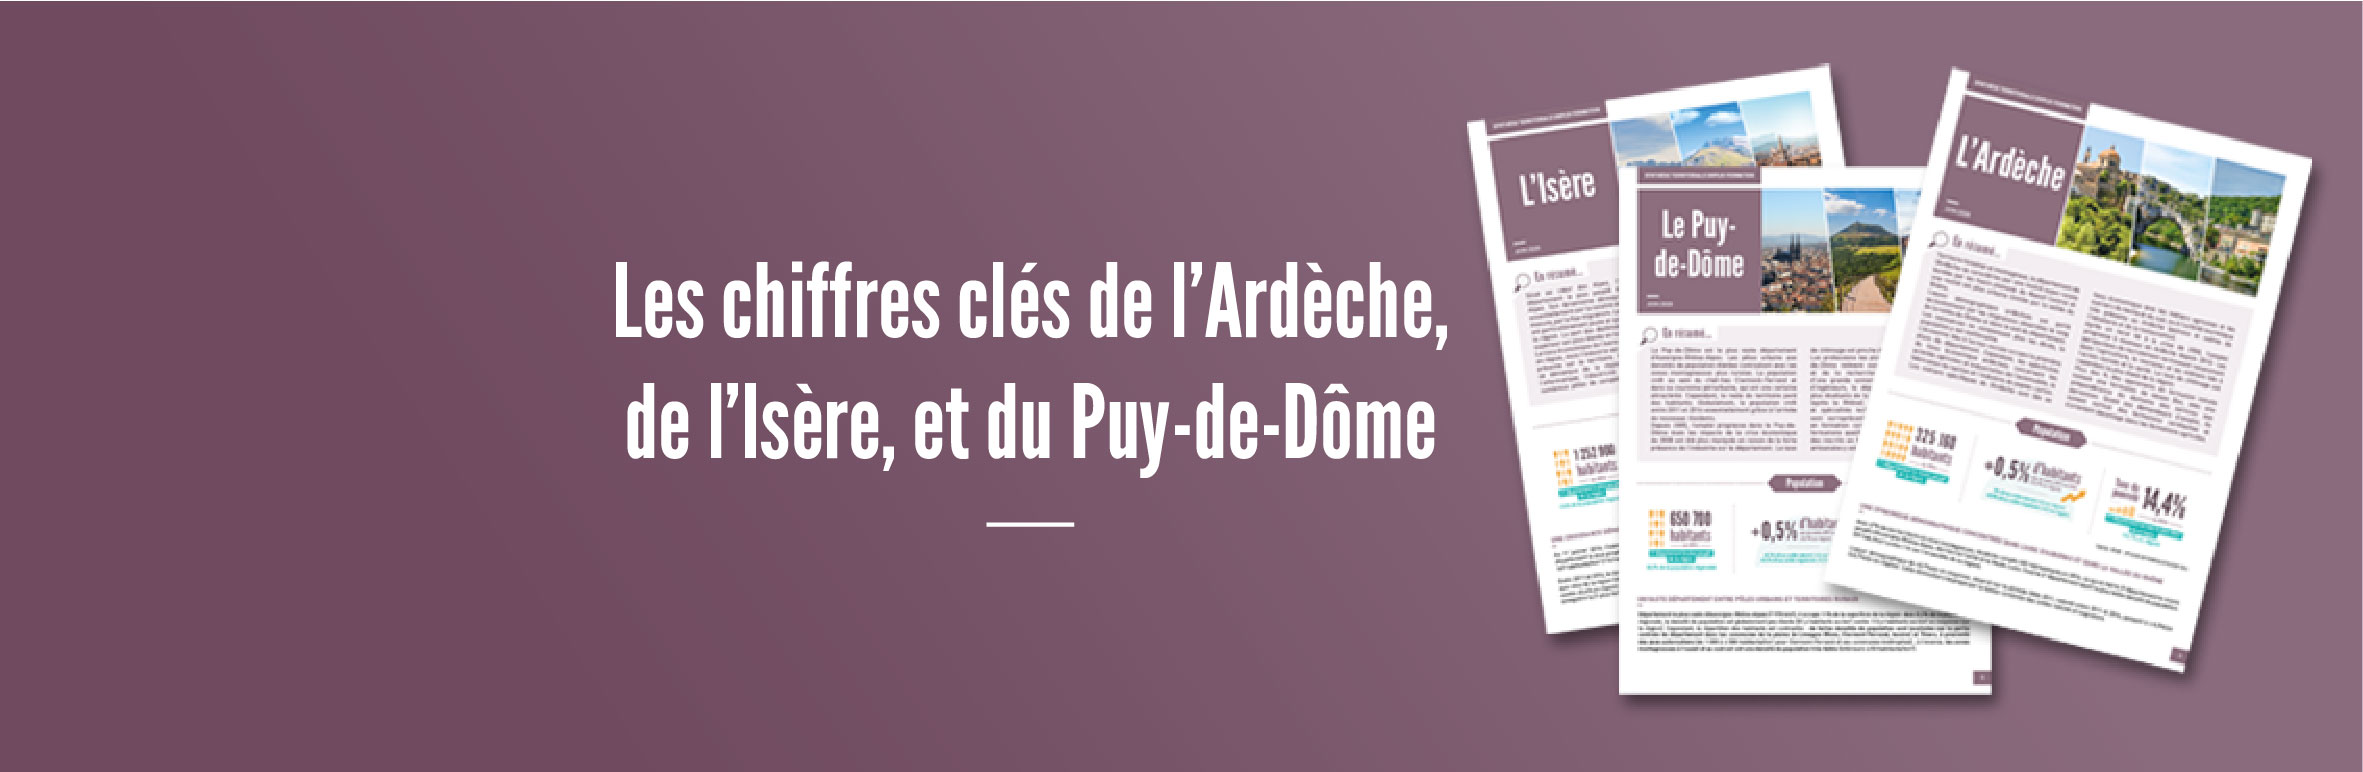 Synthèses territoriales emploi formation des départements de l'Ardèche, l'Isère et du Puy de Dôme